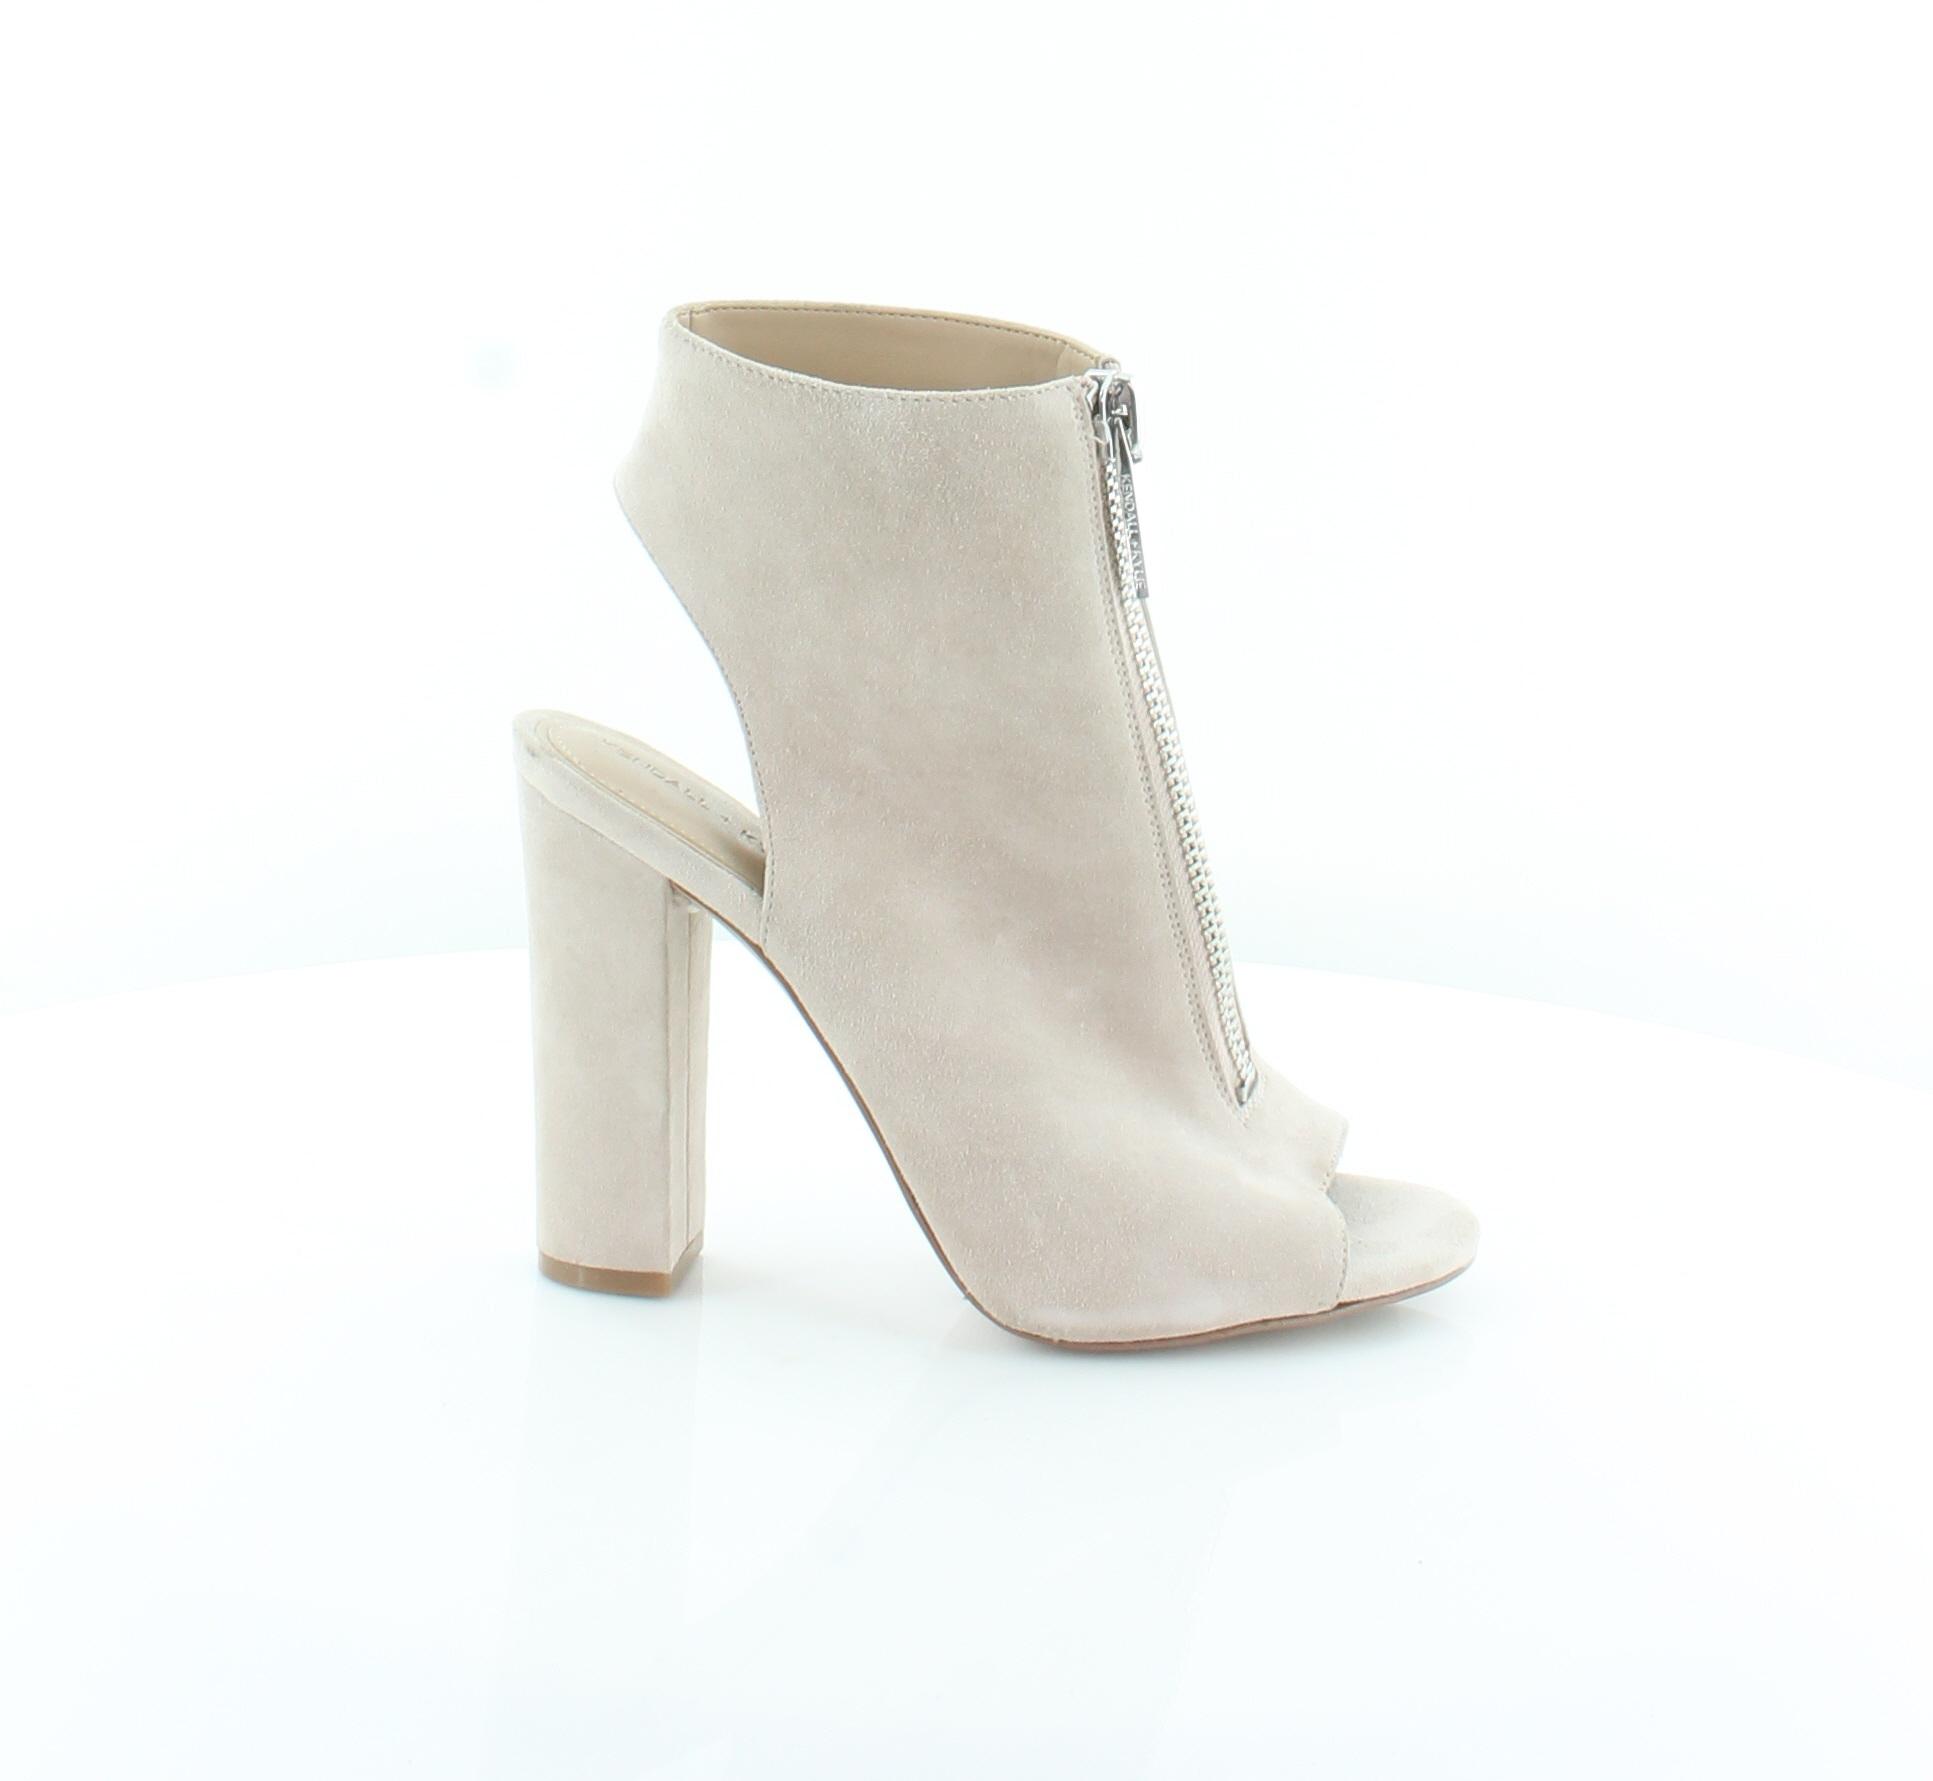 Kendall + Kylie elaine marron Pour Femme Chaussures Taille 7.5 M Sandales fabricants Standard prix de détail  160